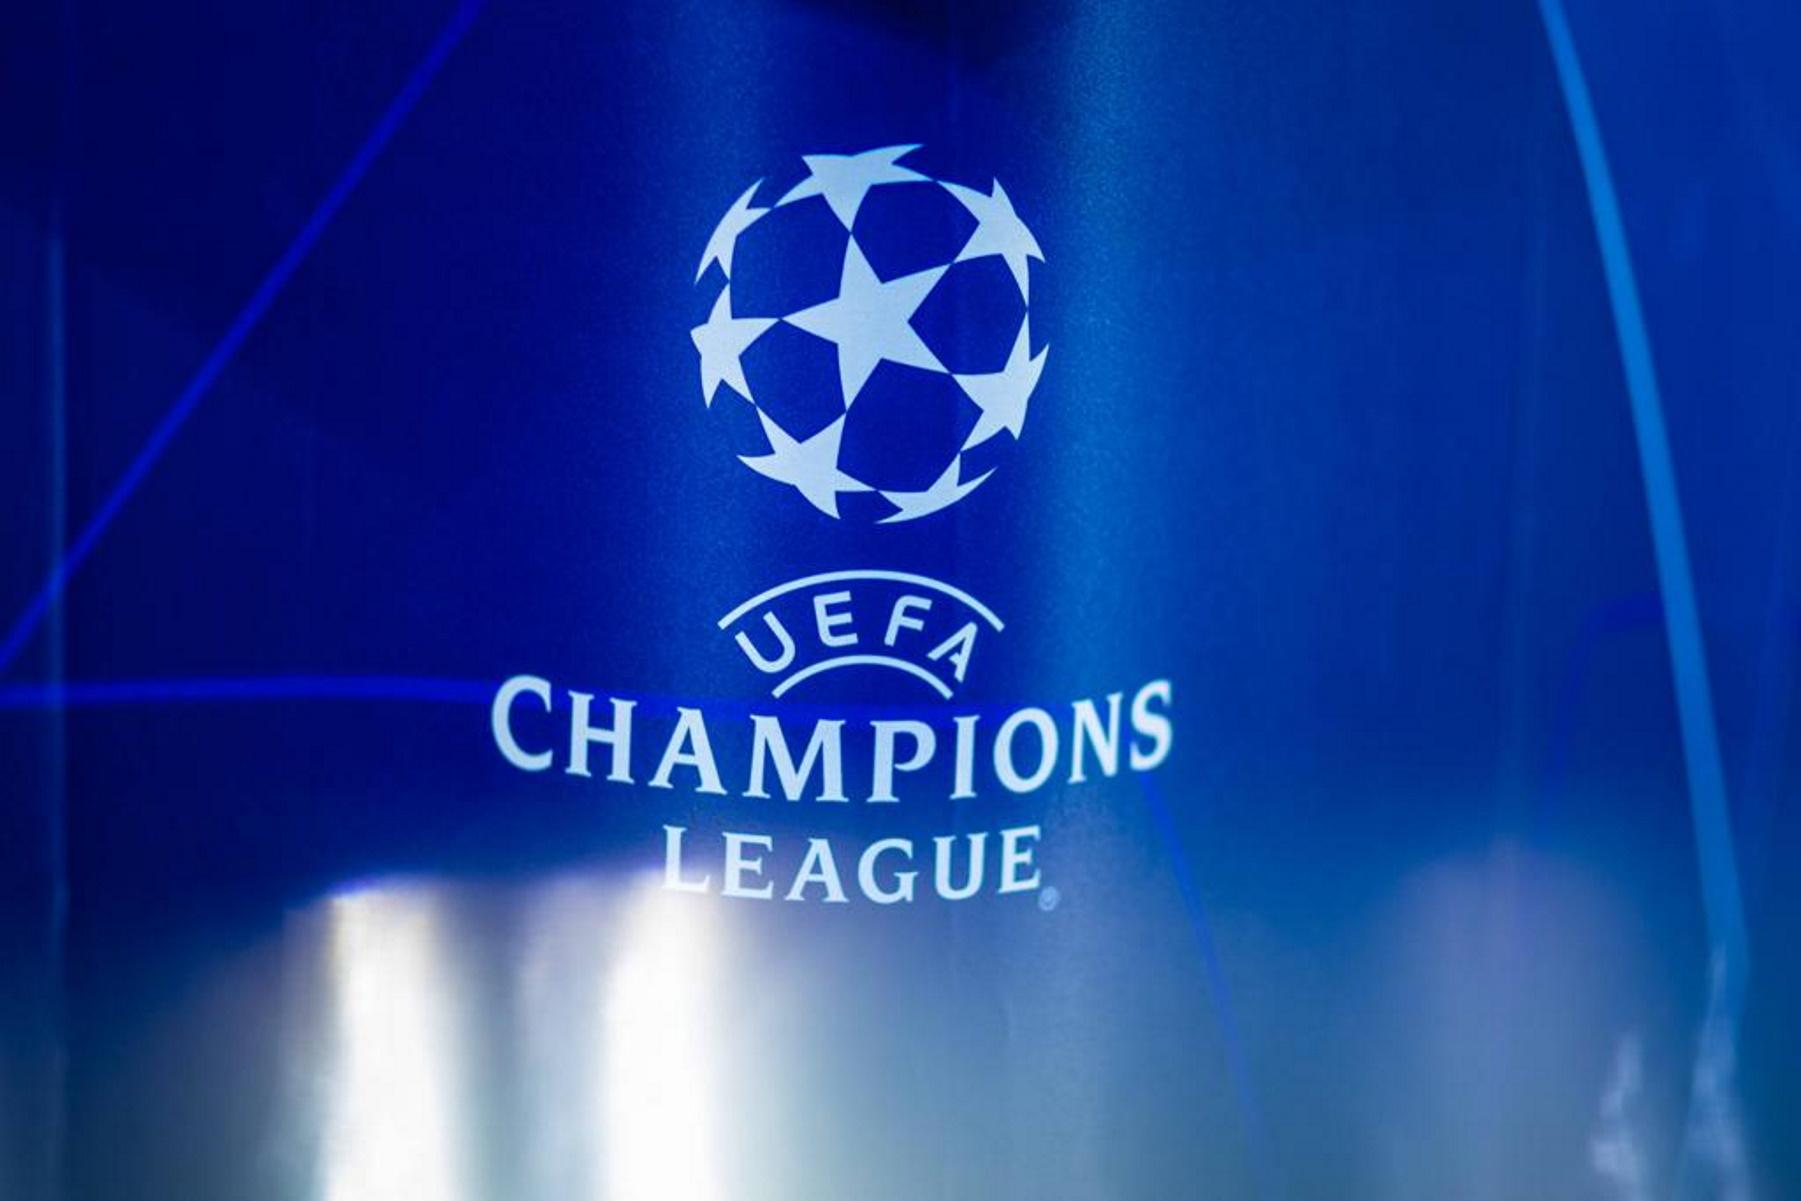 Champions League 3 Melas 16 12 2020